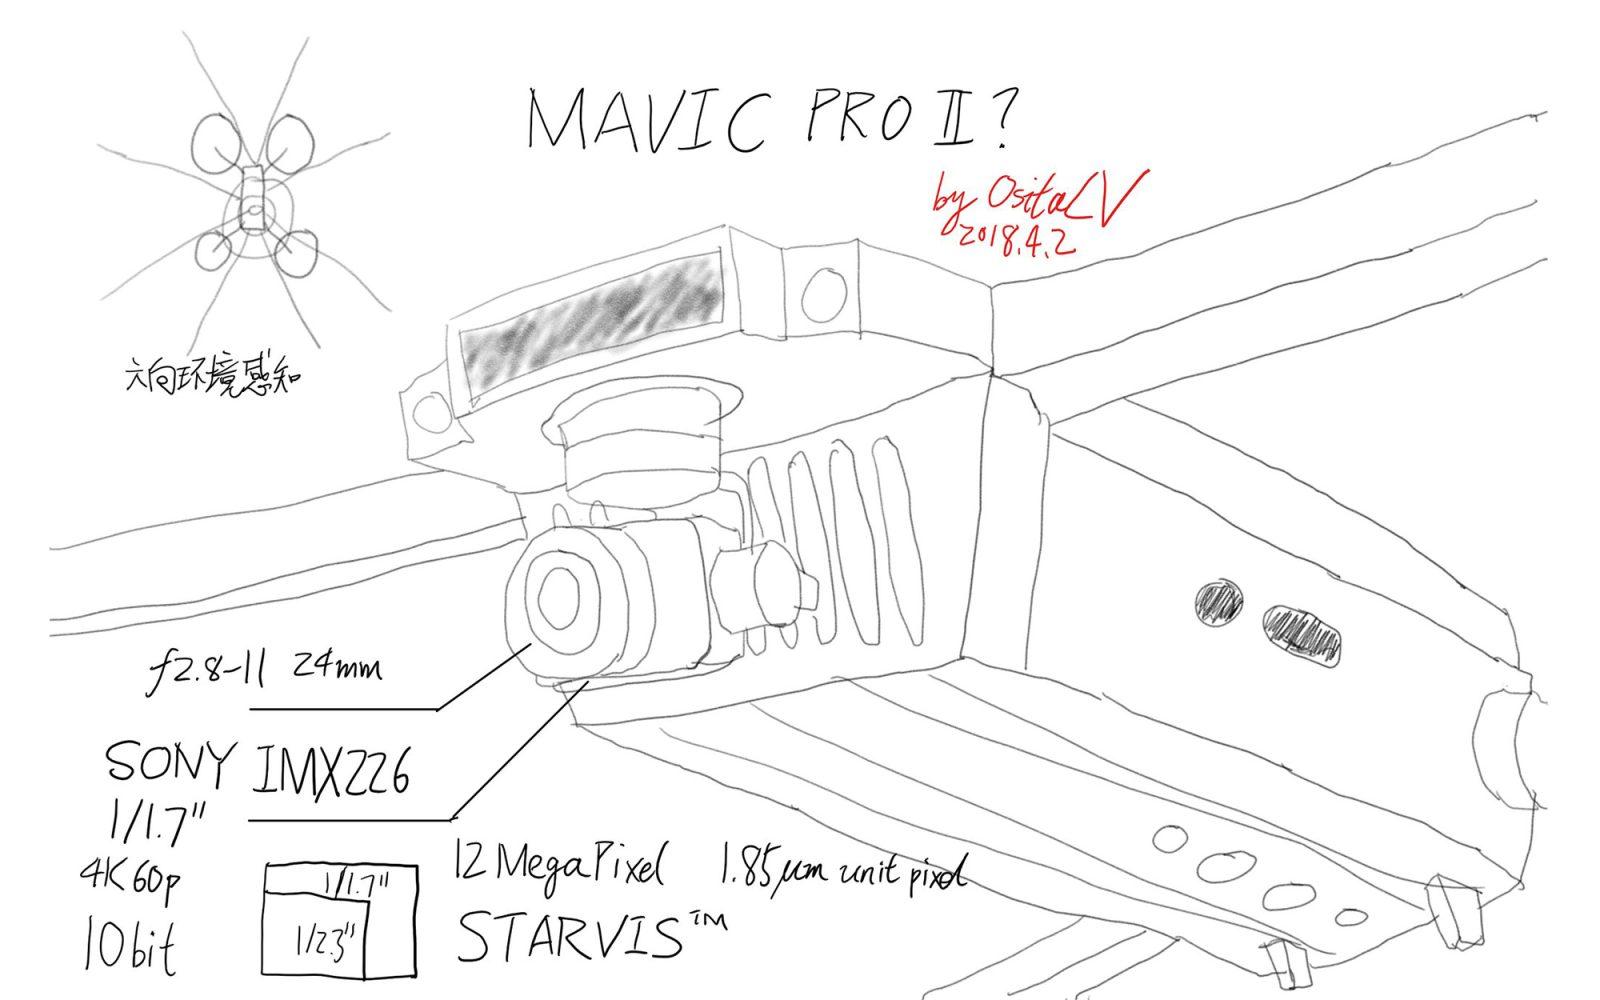 More details on rumored Sony image sensor for DJI Mavic